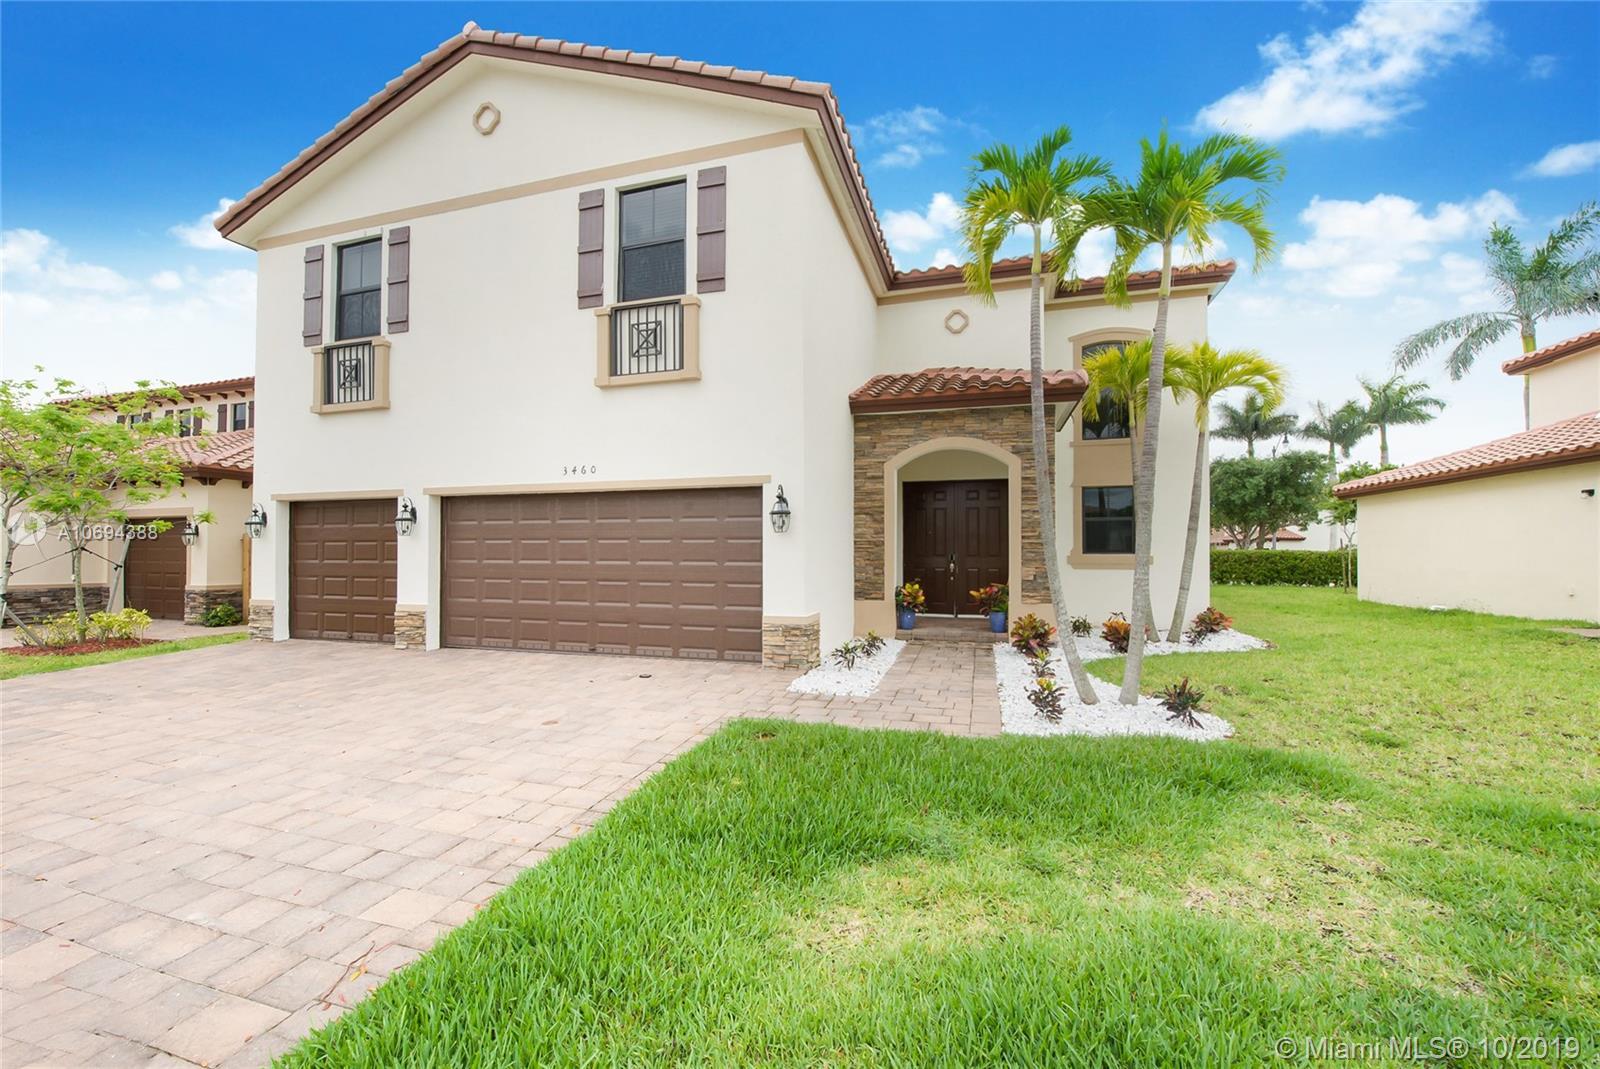 3460 SE 3rd St Property Photo